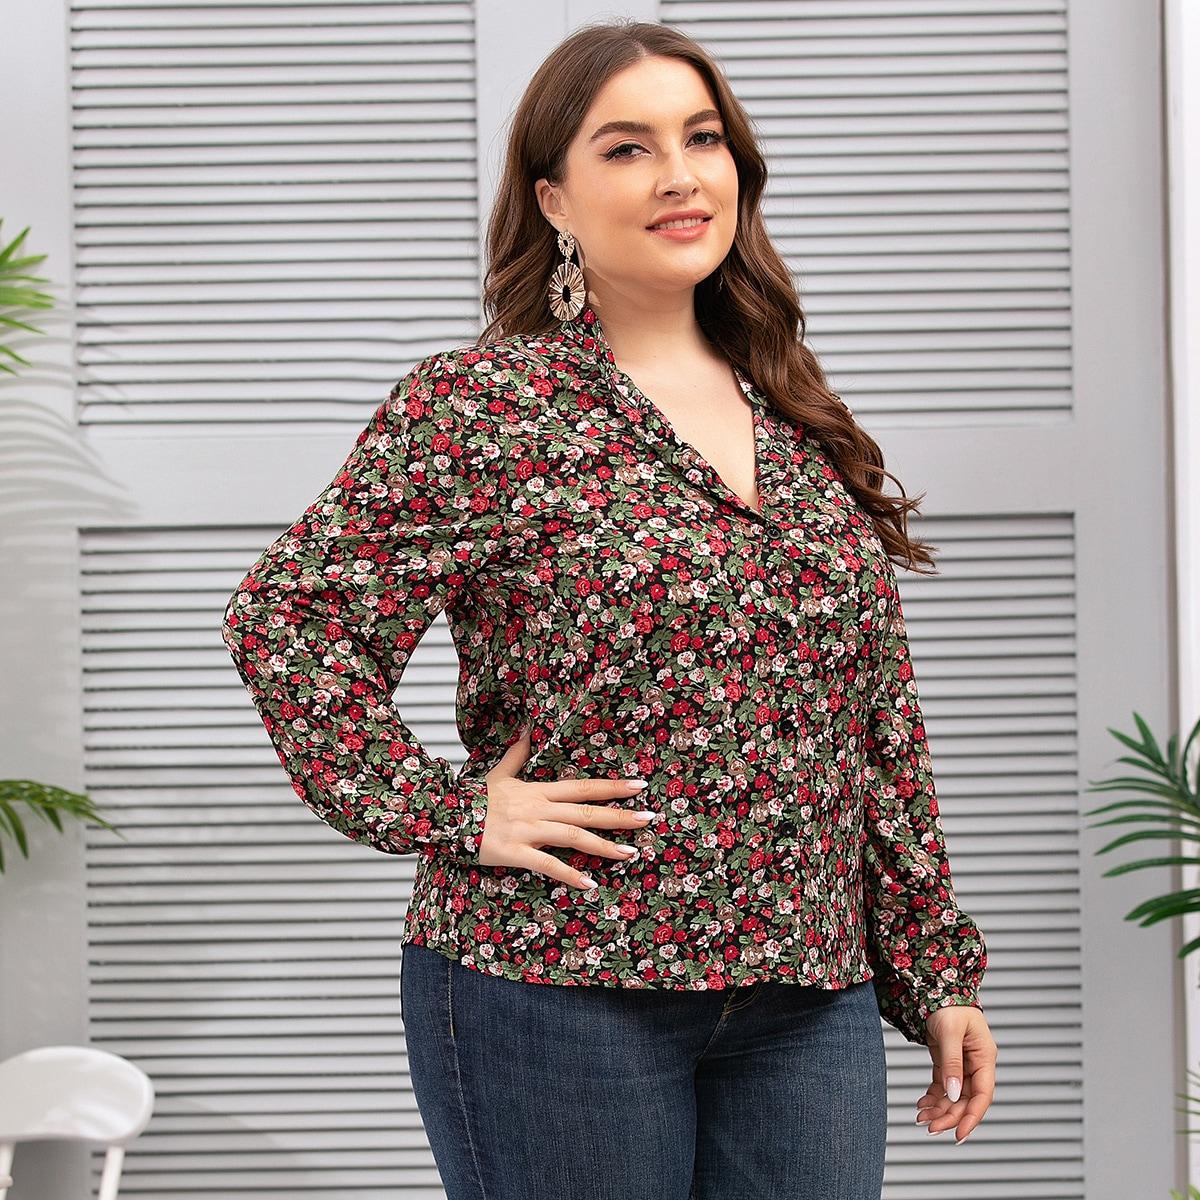 SHEIN / Bluse mit Blümchen Muster und Stehkragen